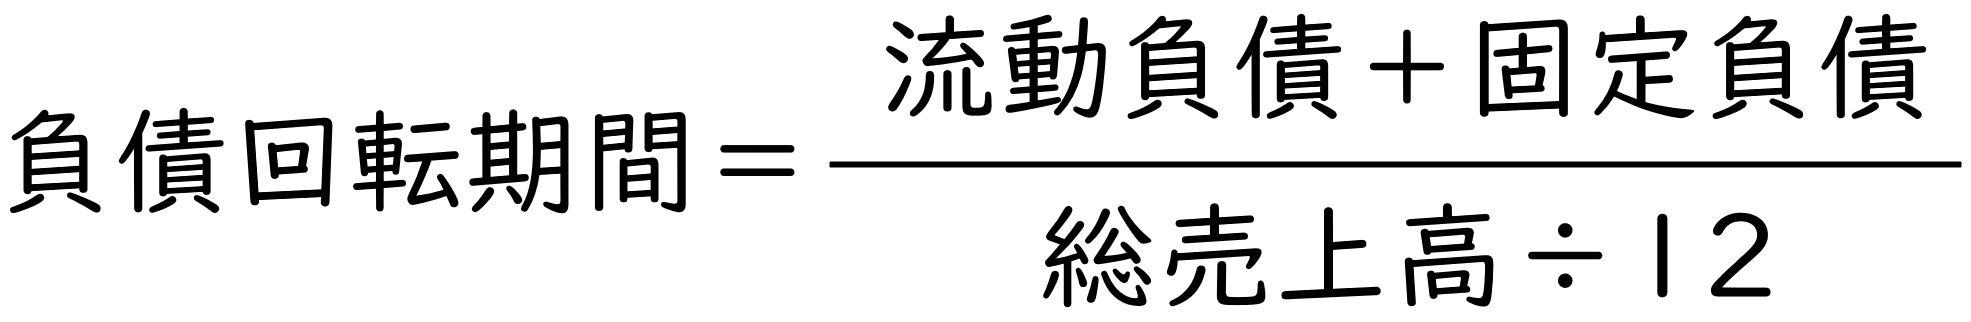 Ullet 経 審